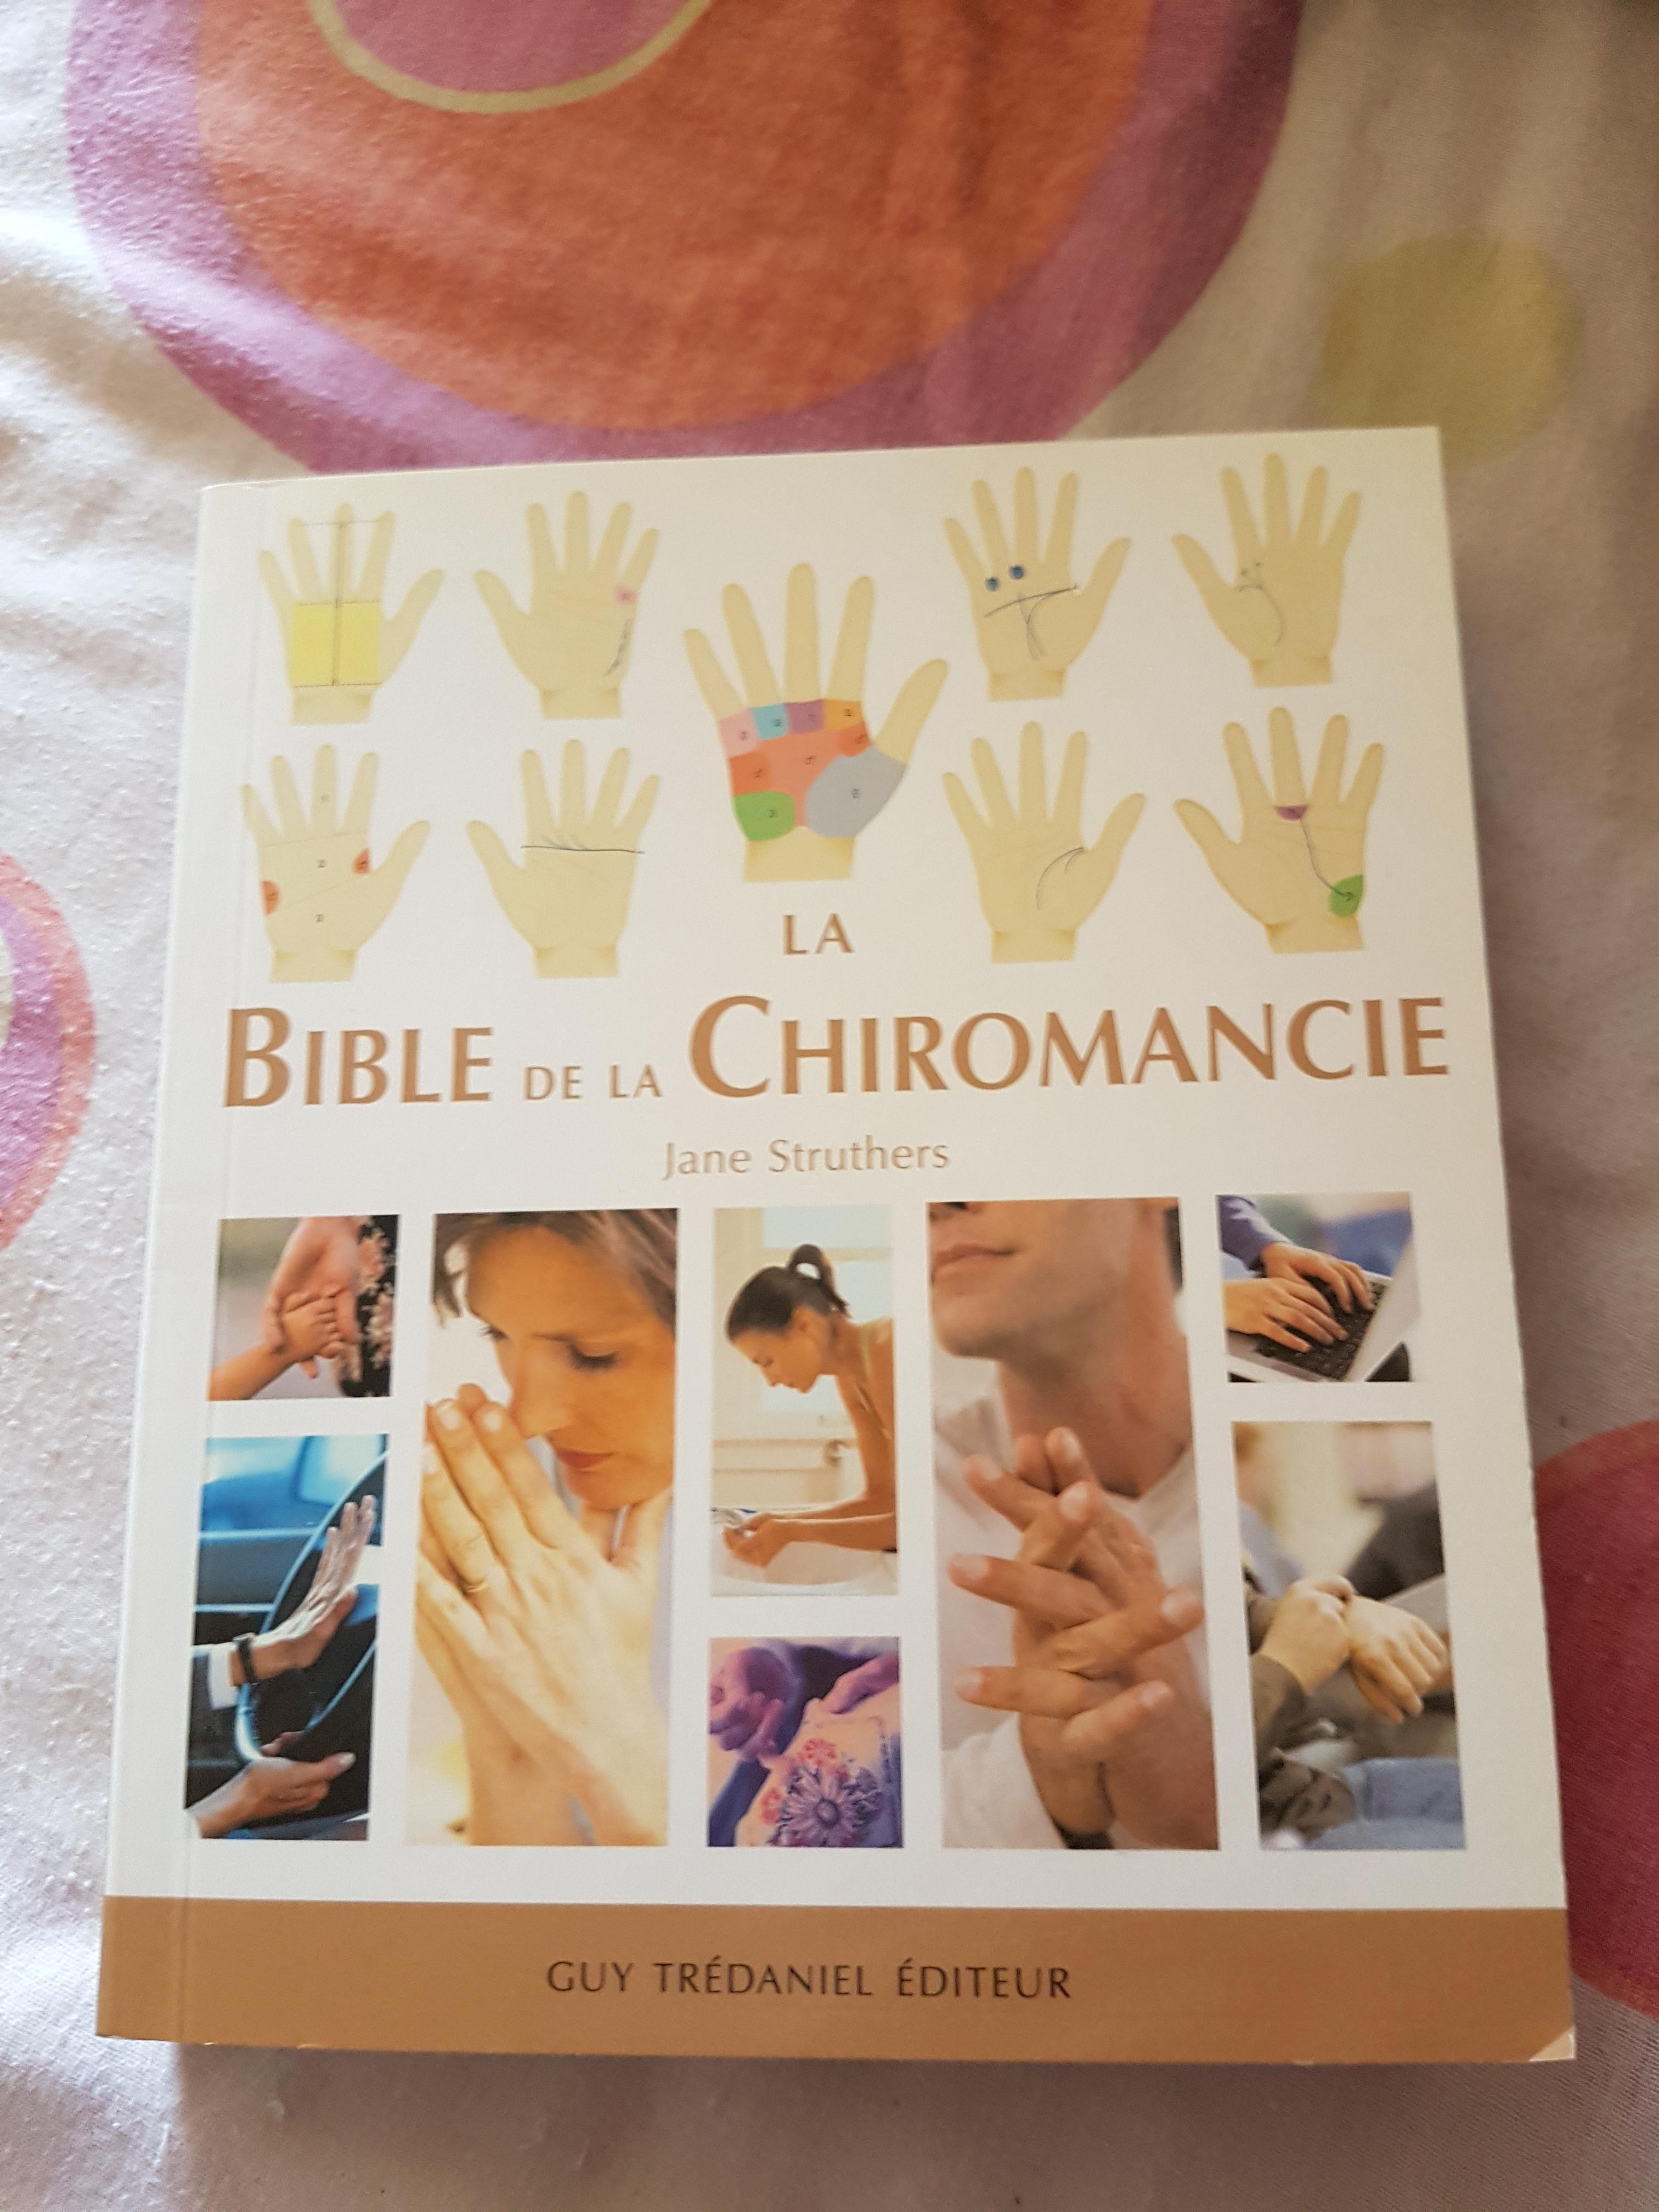 troc de troc la bible de la chiromancie image 0